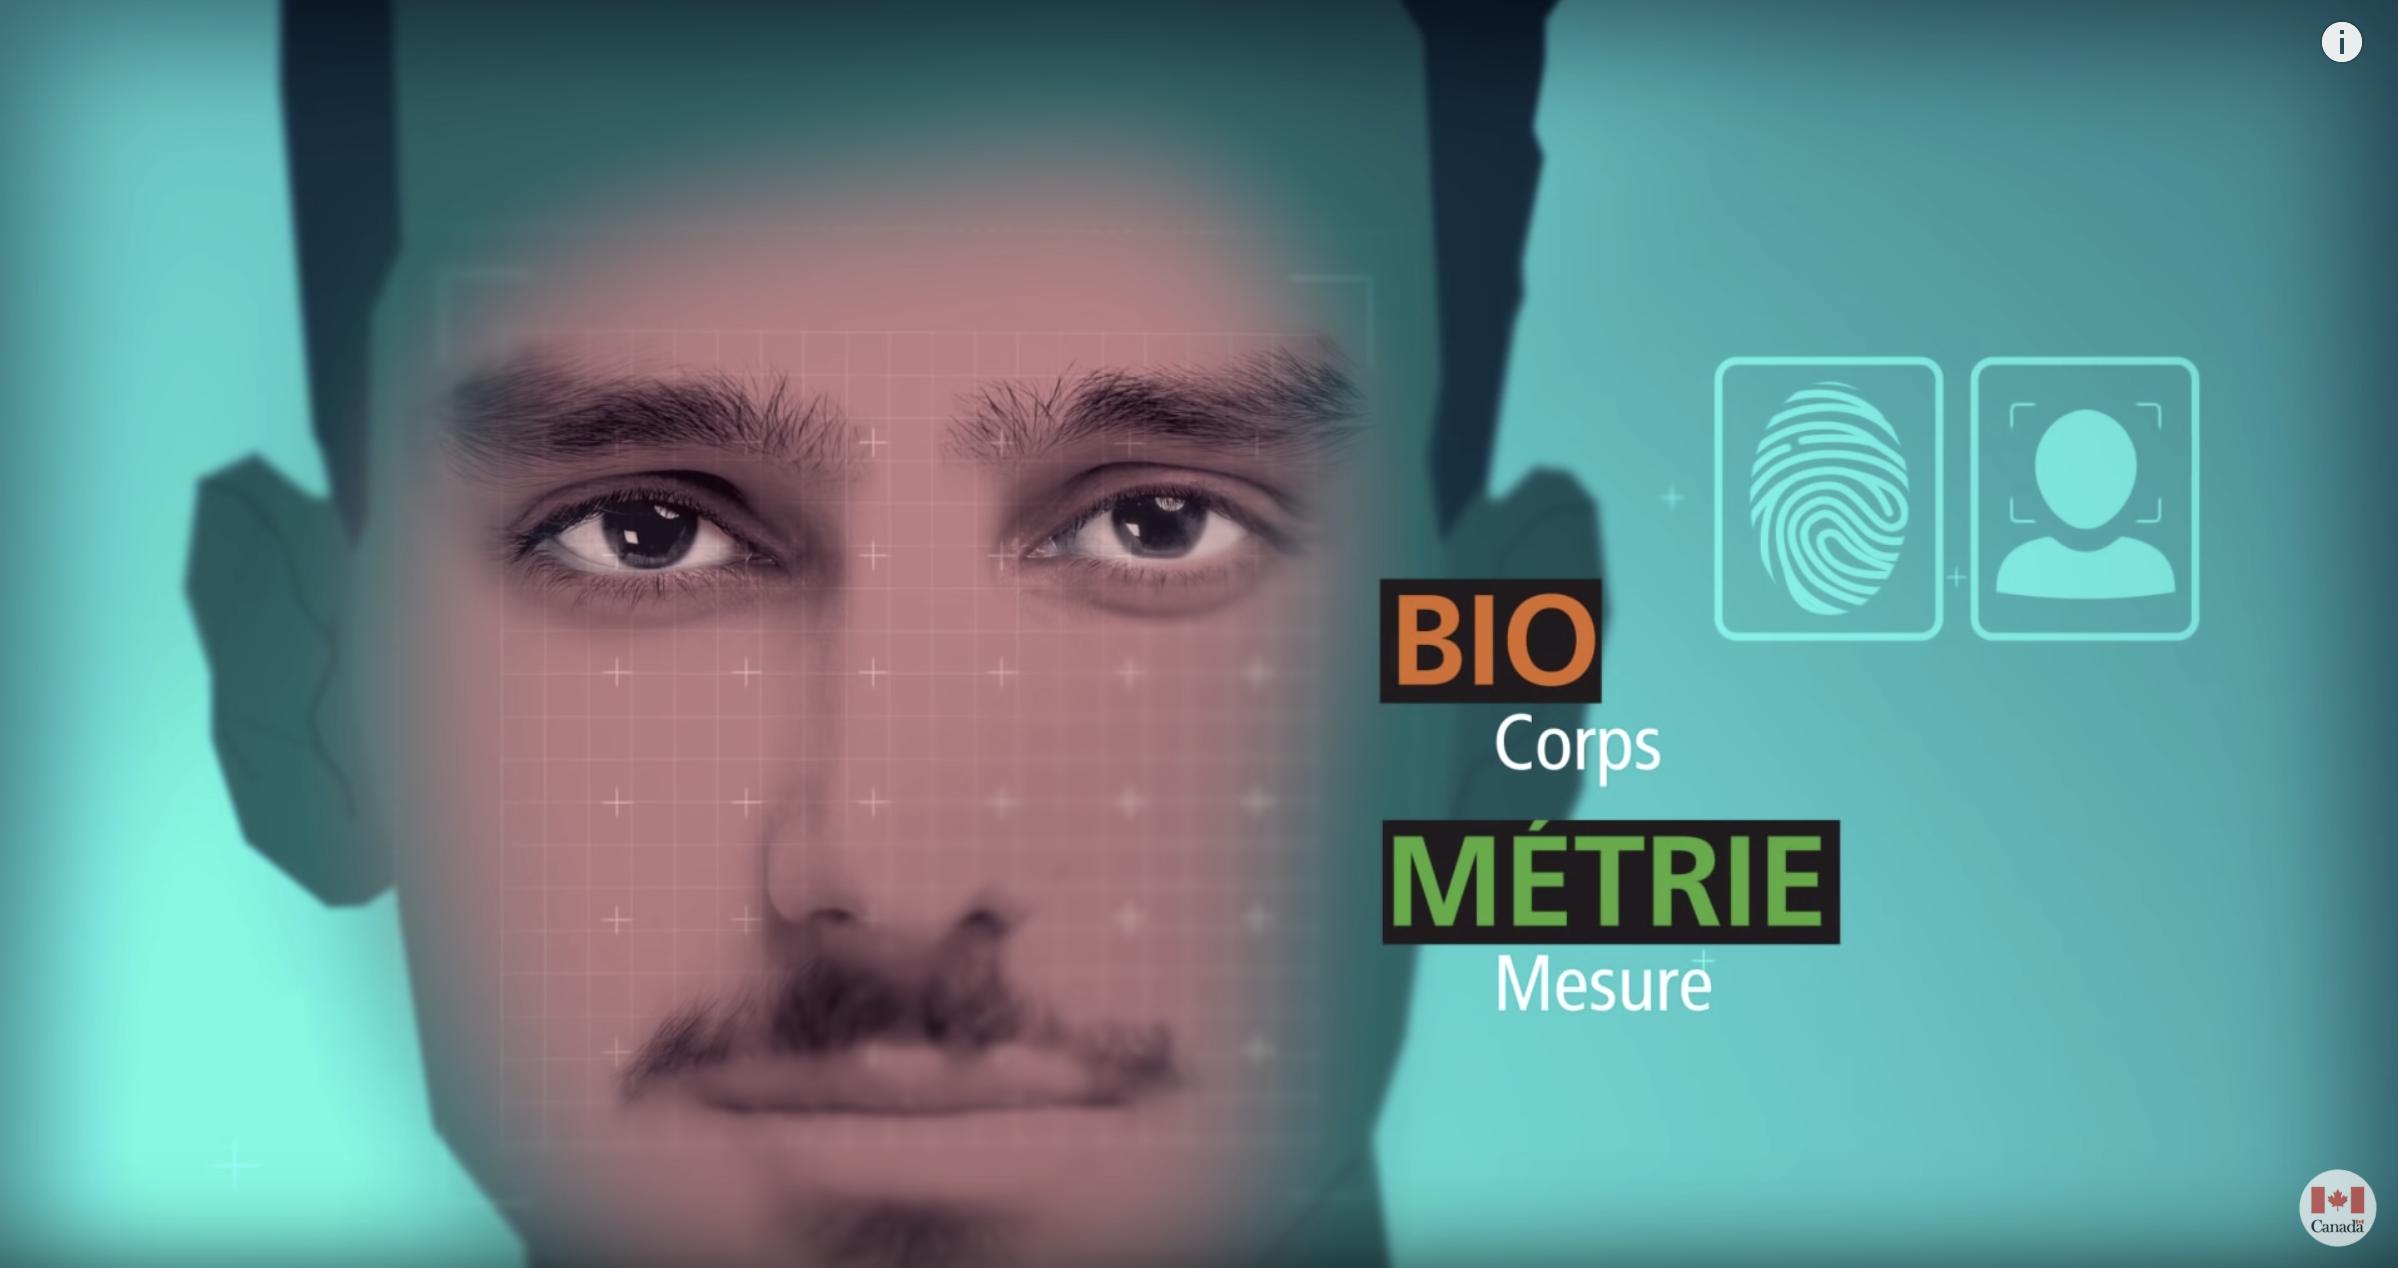 Les données biométriques consistent en une photo et la prise des empreintes digitales. Crédit : Immigration et Citoyenneté Canadienne.